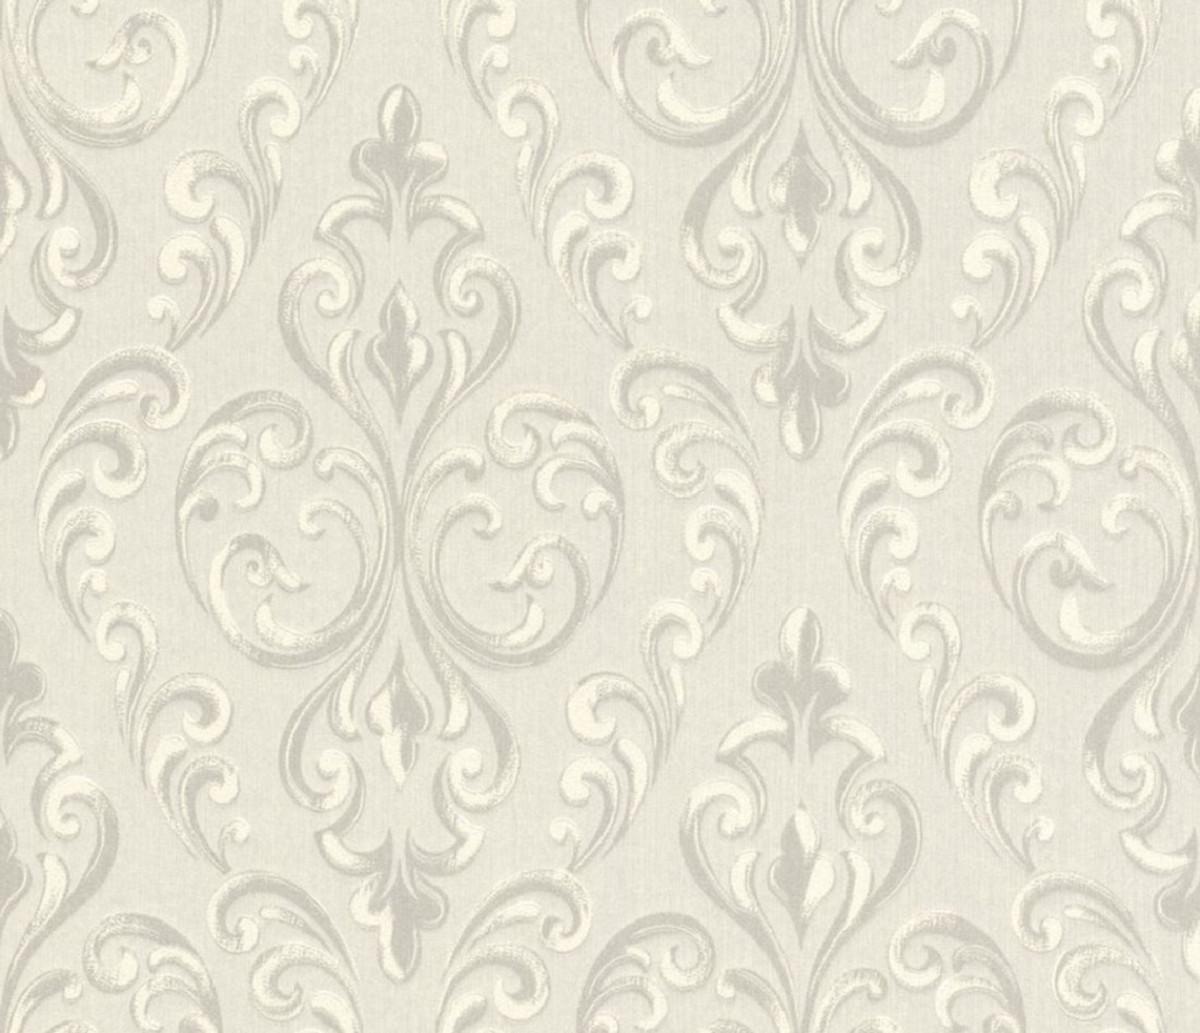 Casa Padrino Barock Textiltapete Creme / Grau / Weiß 10,05 x 0,53 m -  Hochwertige Wohnzimmer Tapete